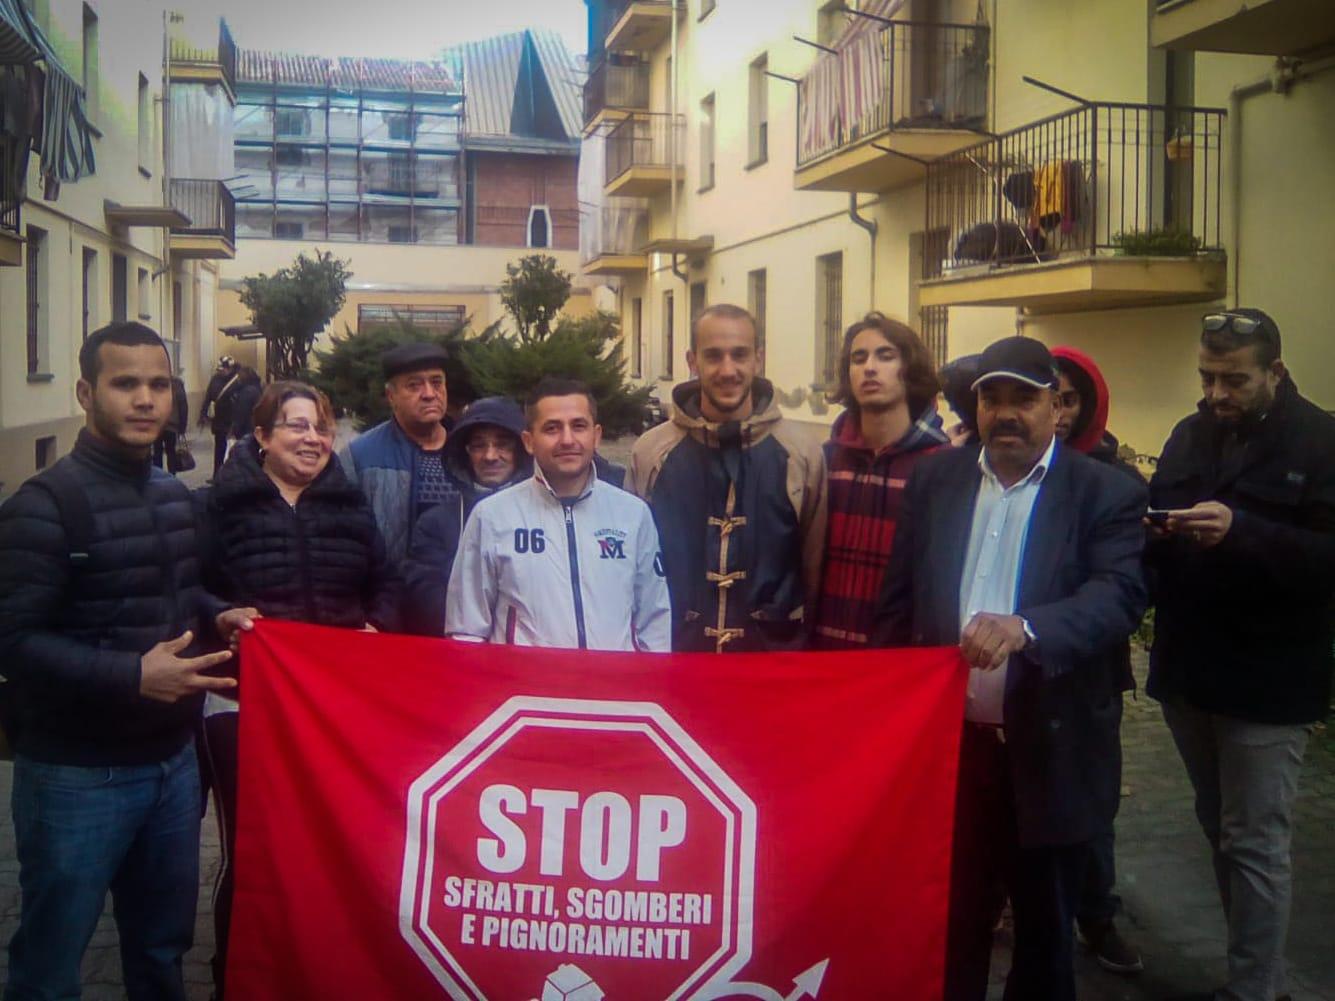 Altri due sfratti bloccati dal Movimento per la Casa, nonostante l'immobilismo delle Istituzioni